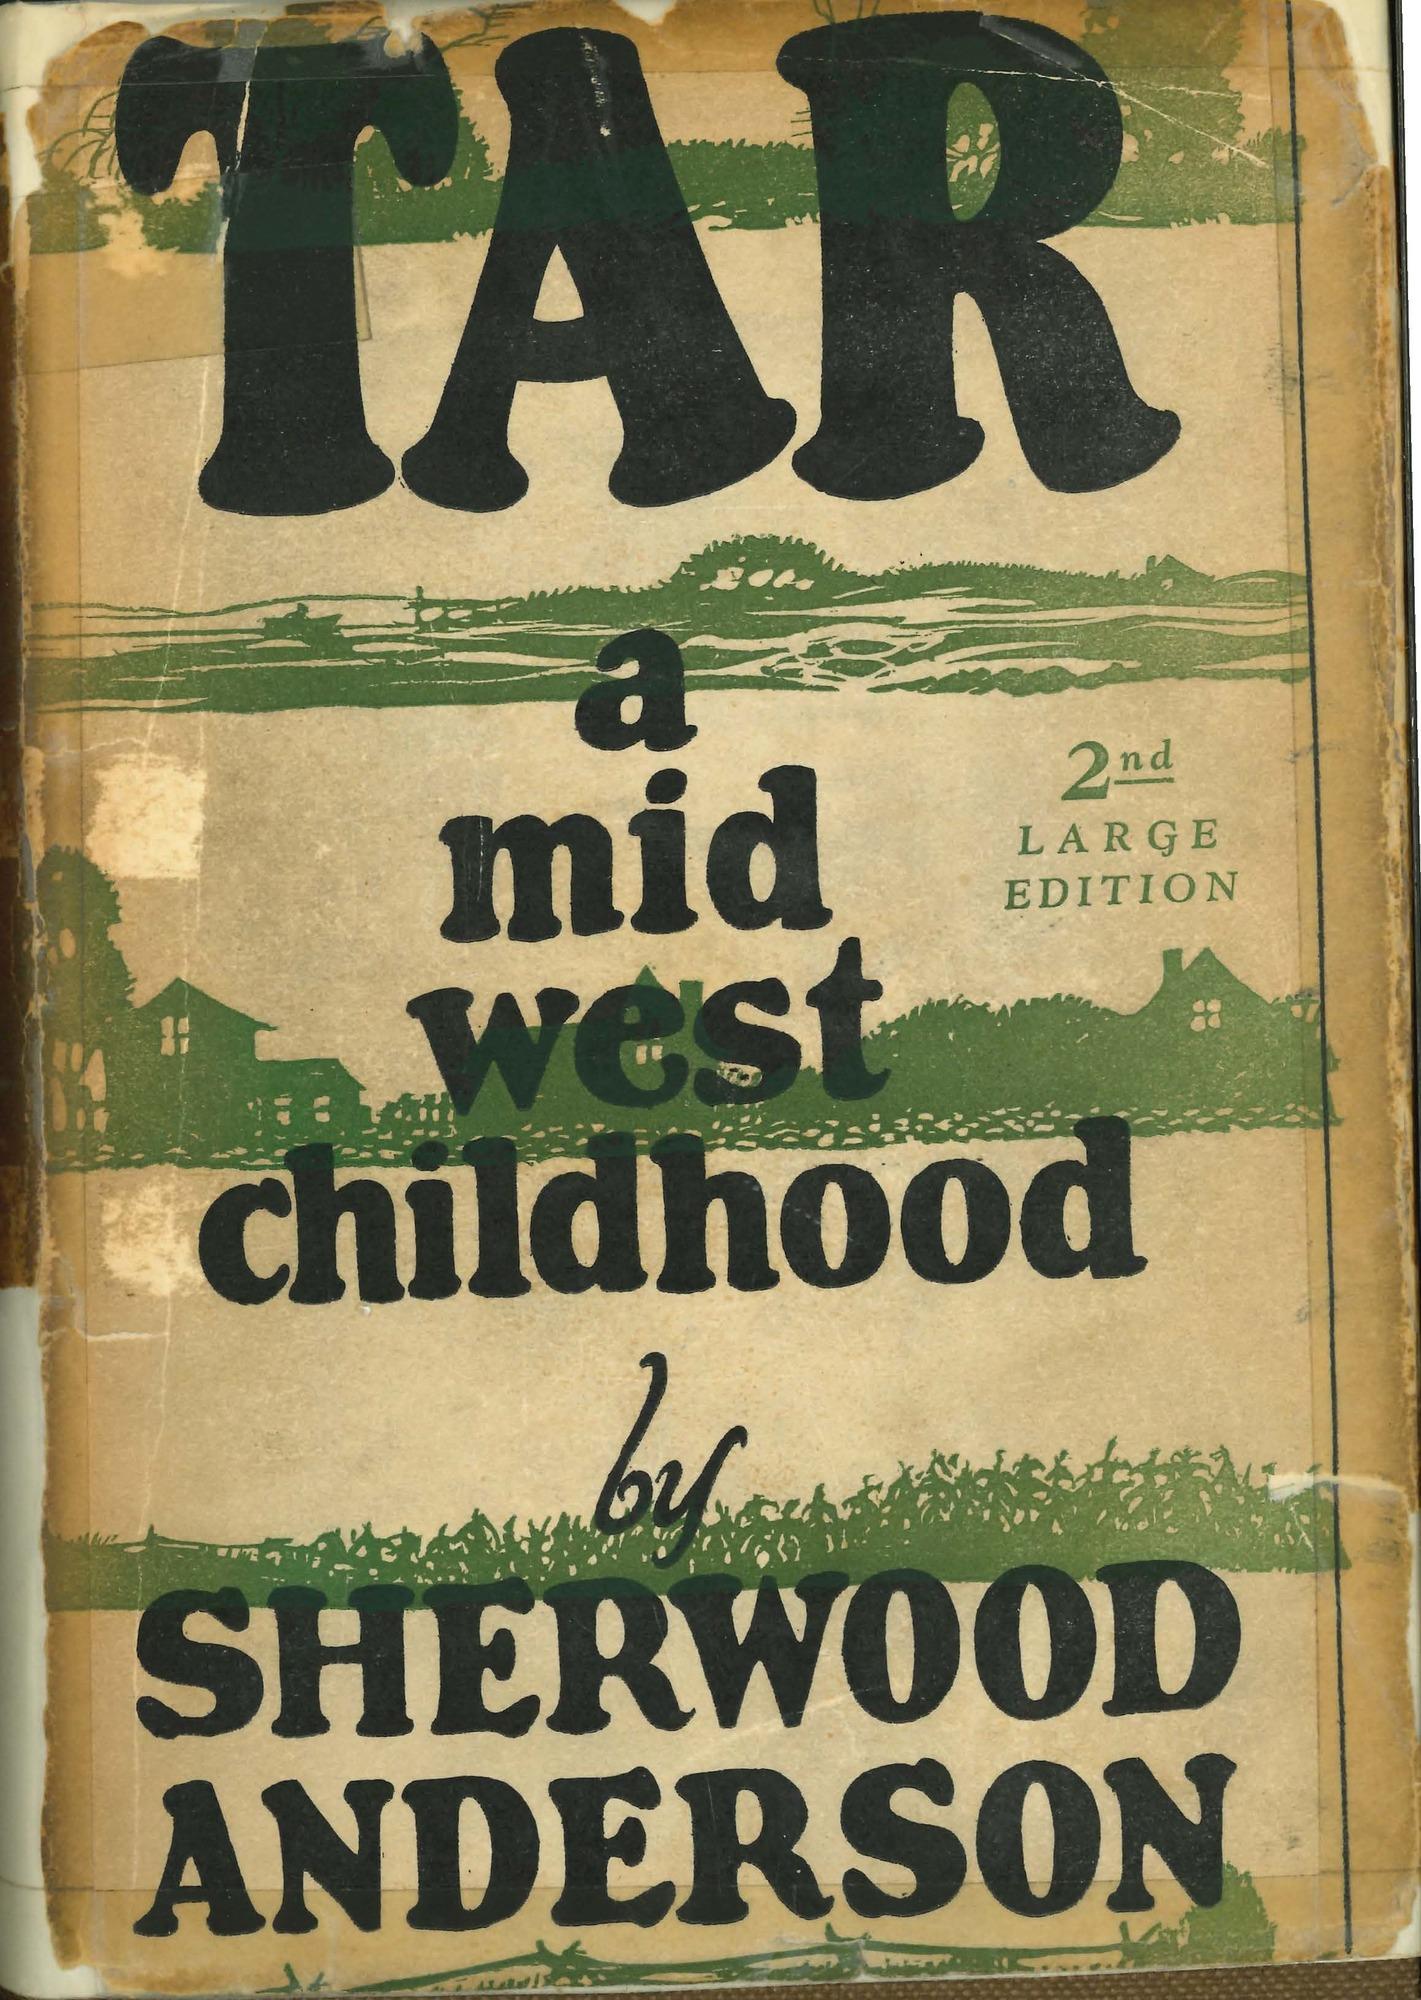 Tar_1926a.jpg